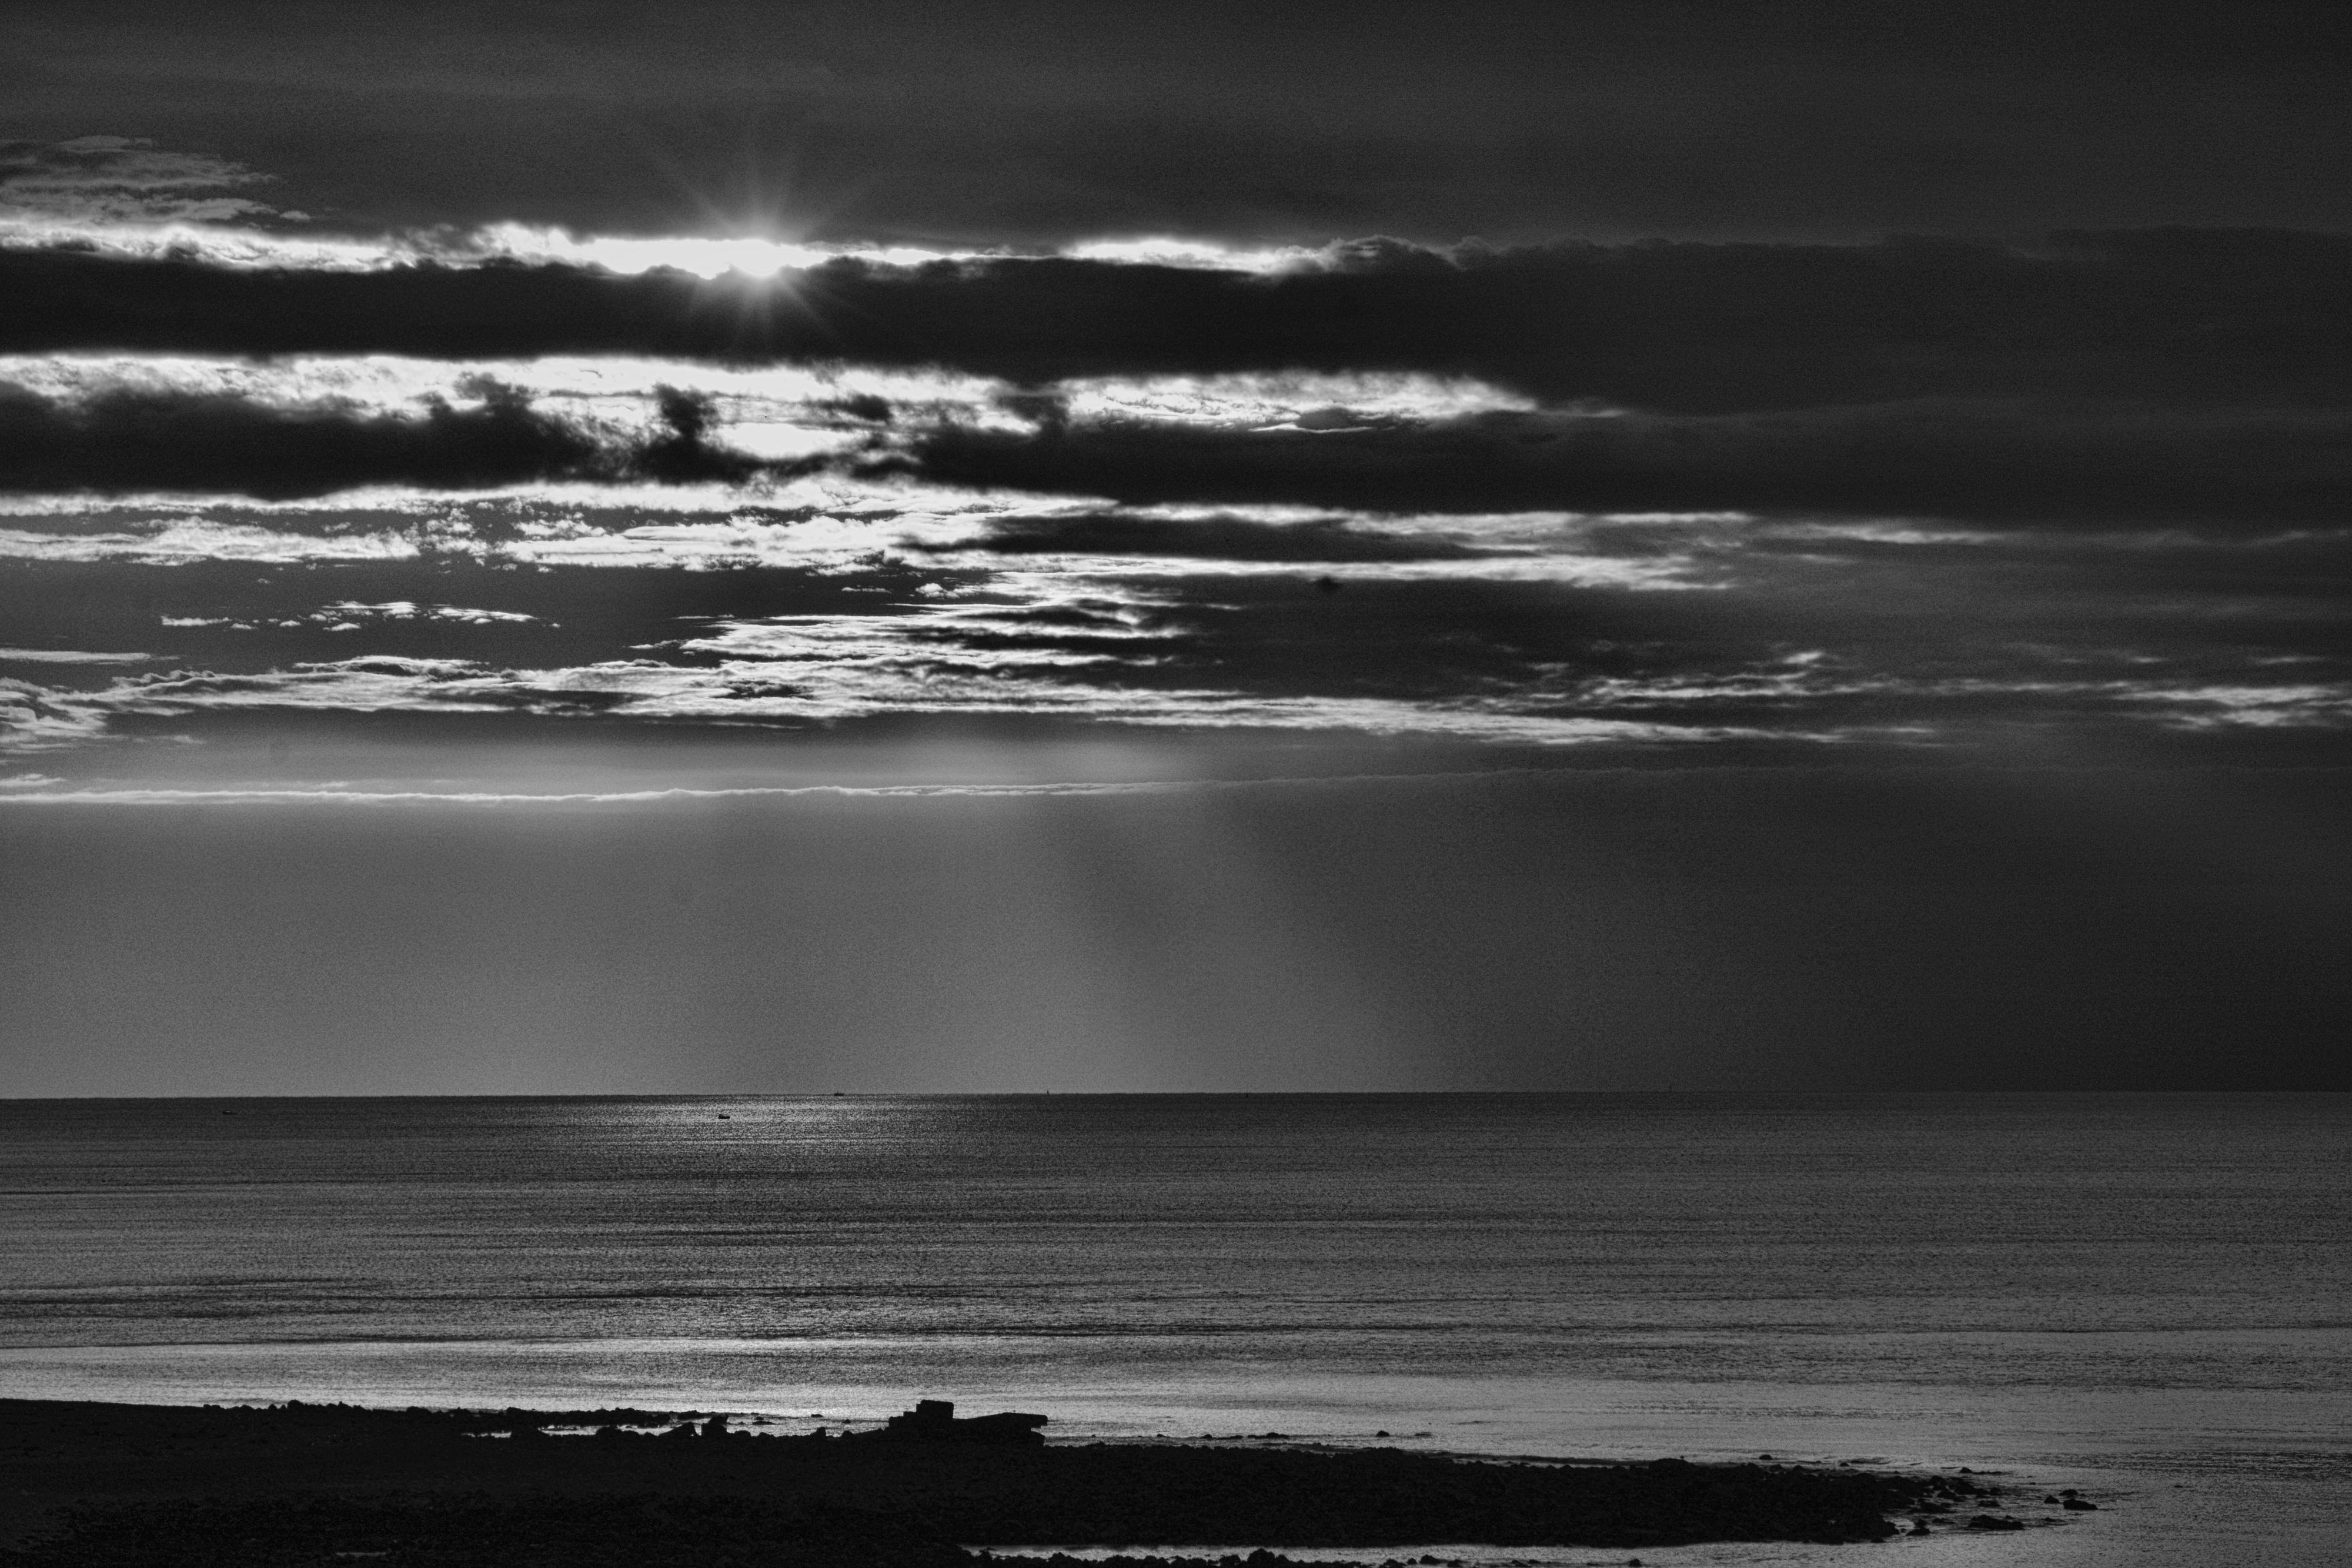 nuages-et-soleil-exposition-en-ligne